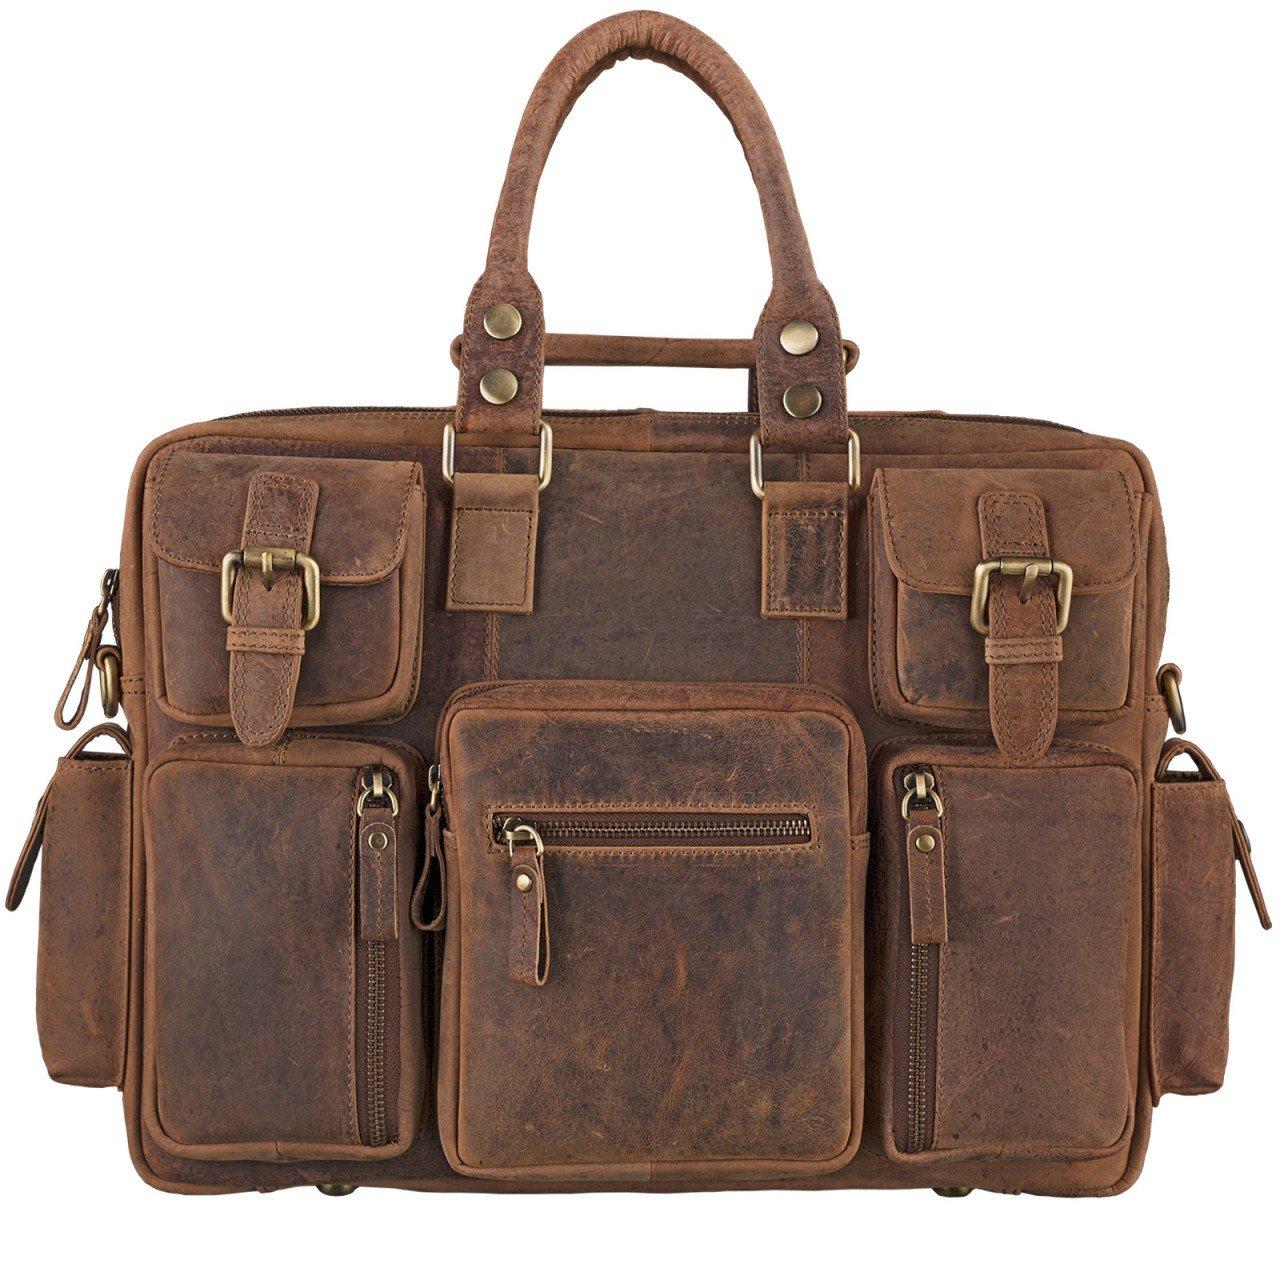 STILORD große Vintage Lehrertasche College Bag Büro 15.6 Zoll Laptoptasche Umhängetasche Aktentasche XL Herren Damen Leder